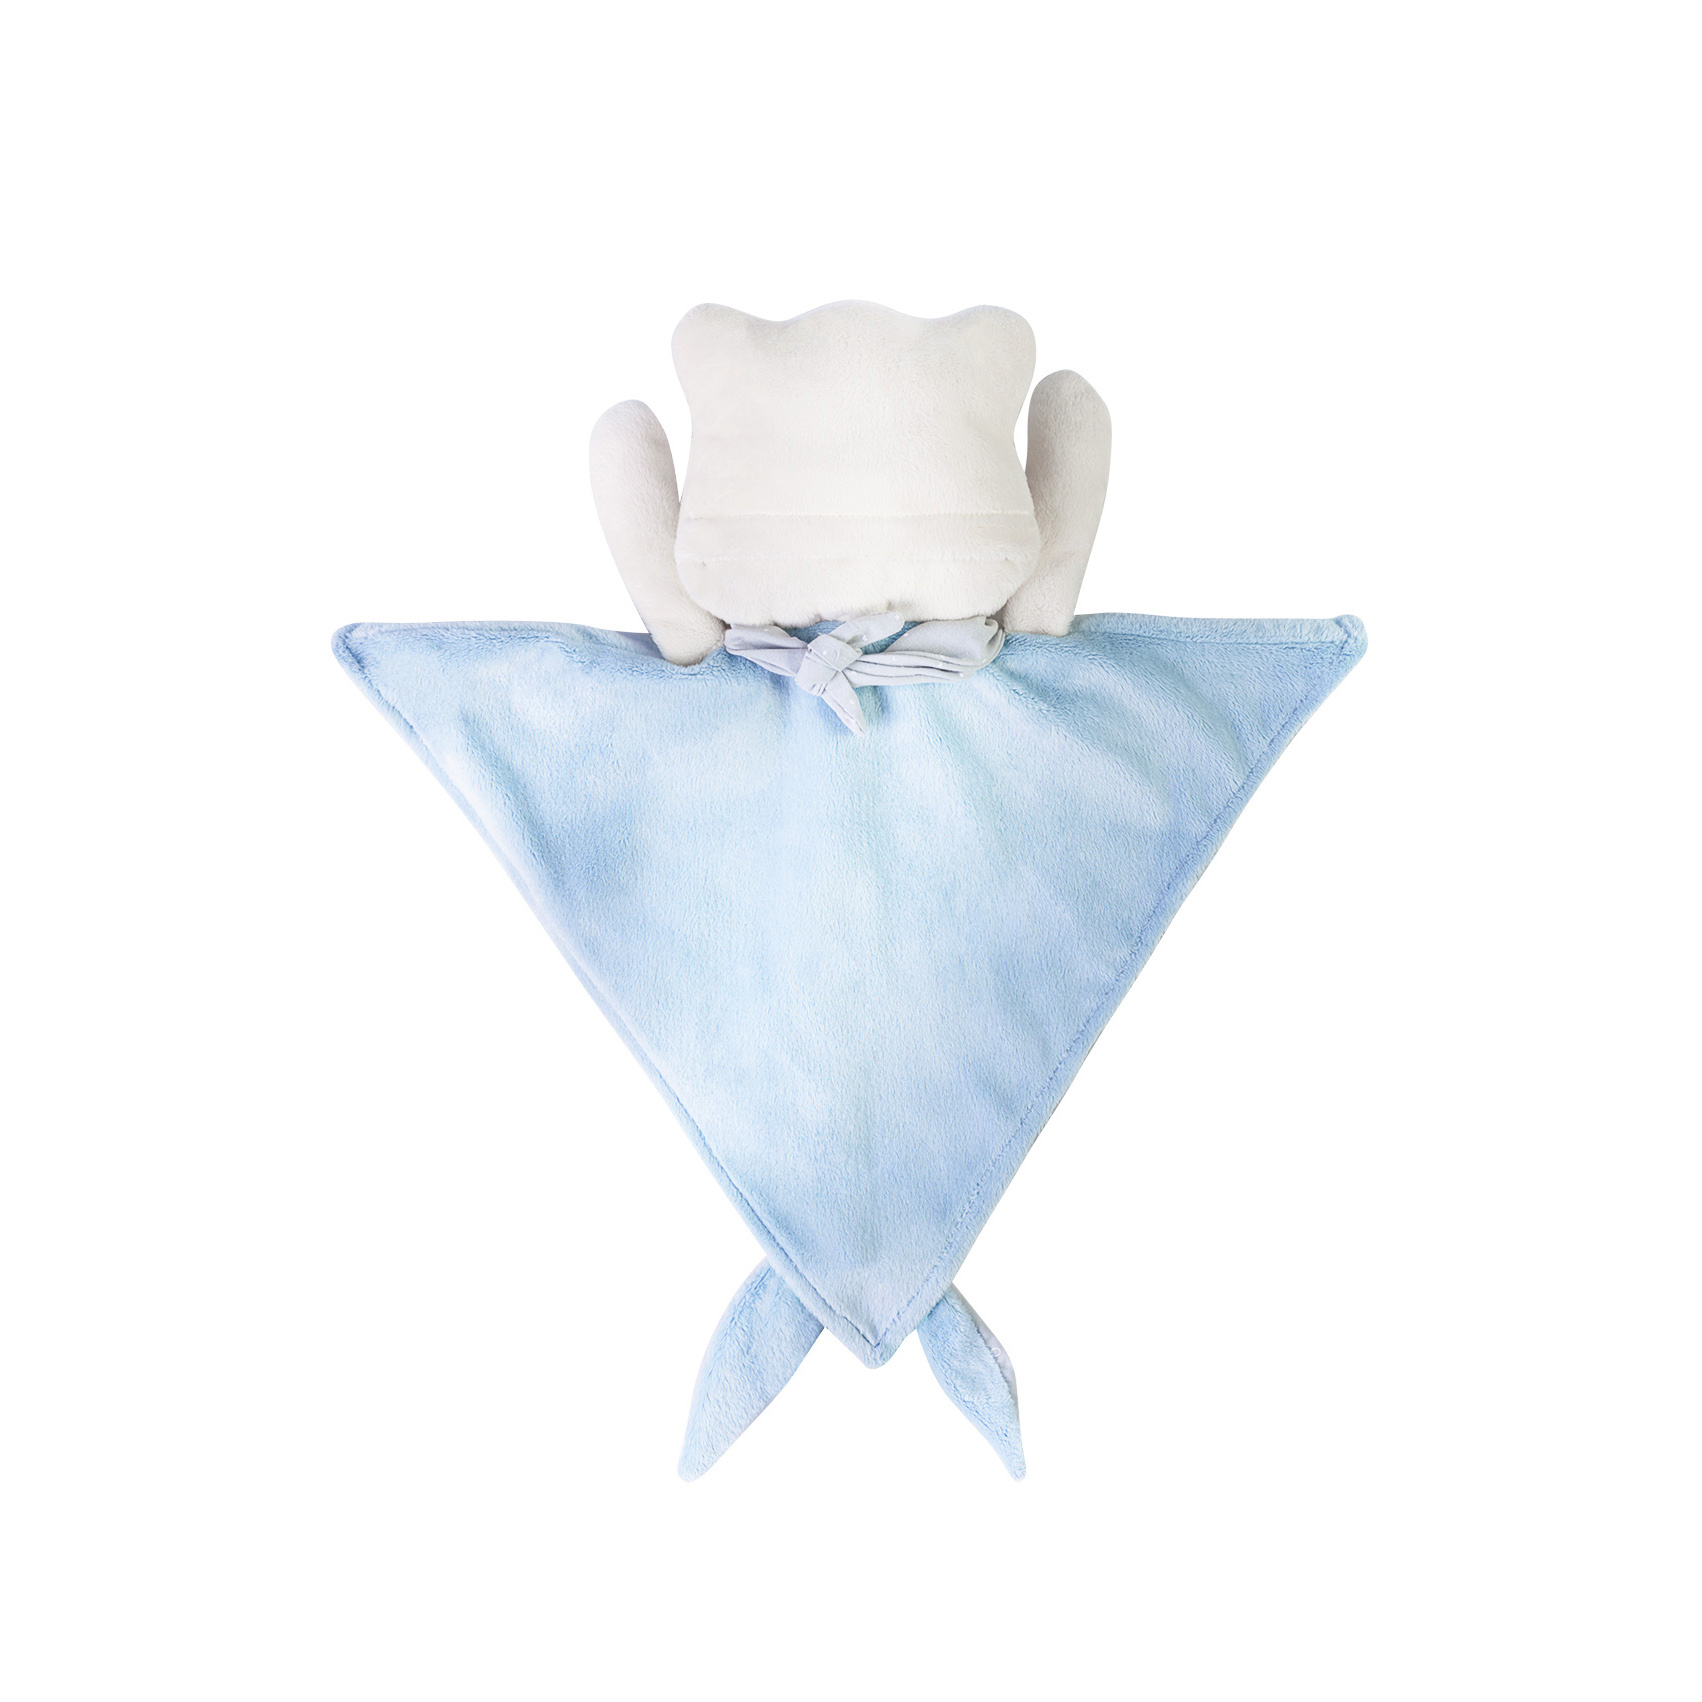 myHummy Doudou Basic - Blau